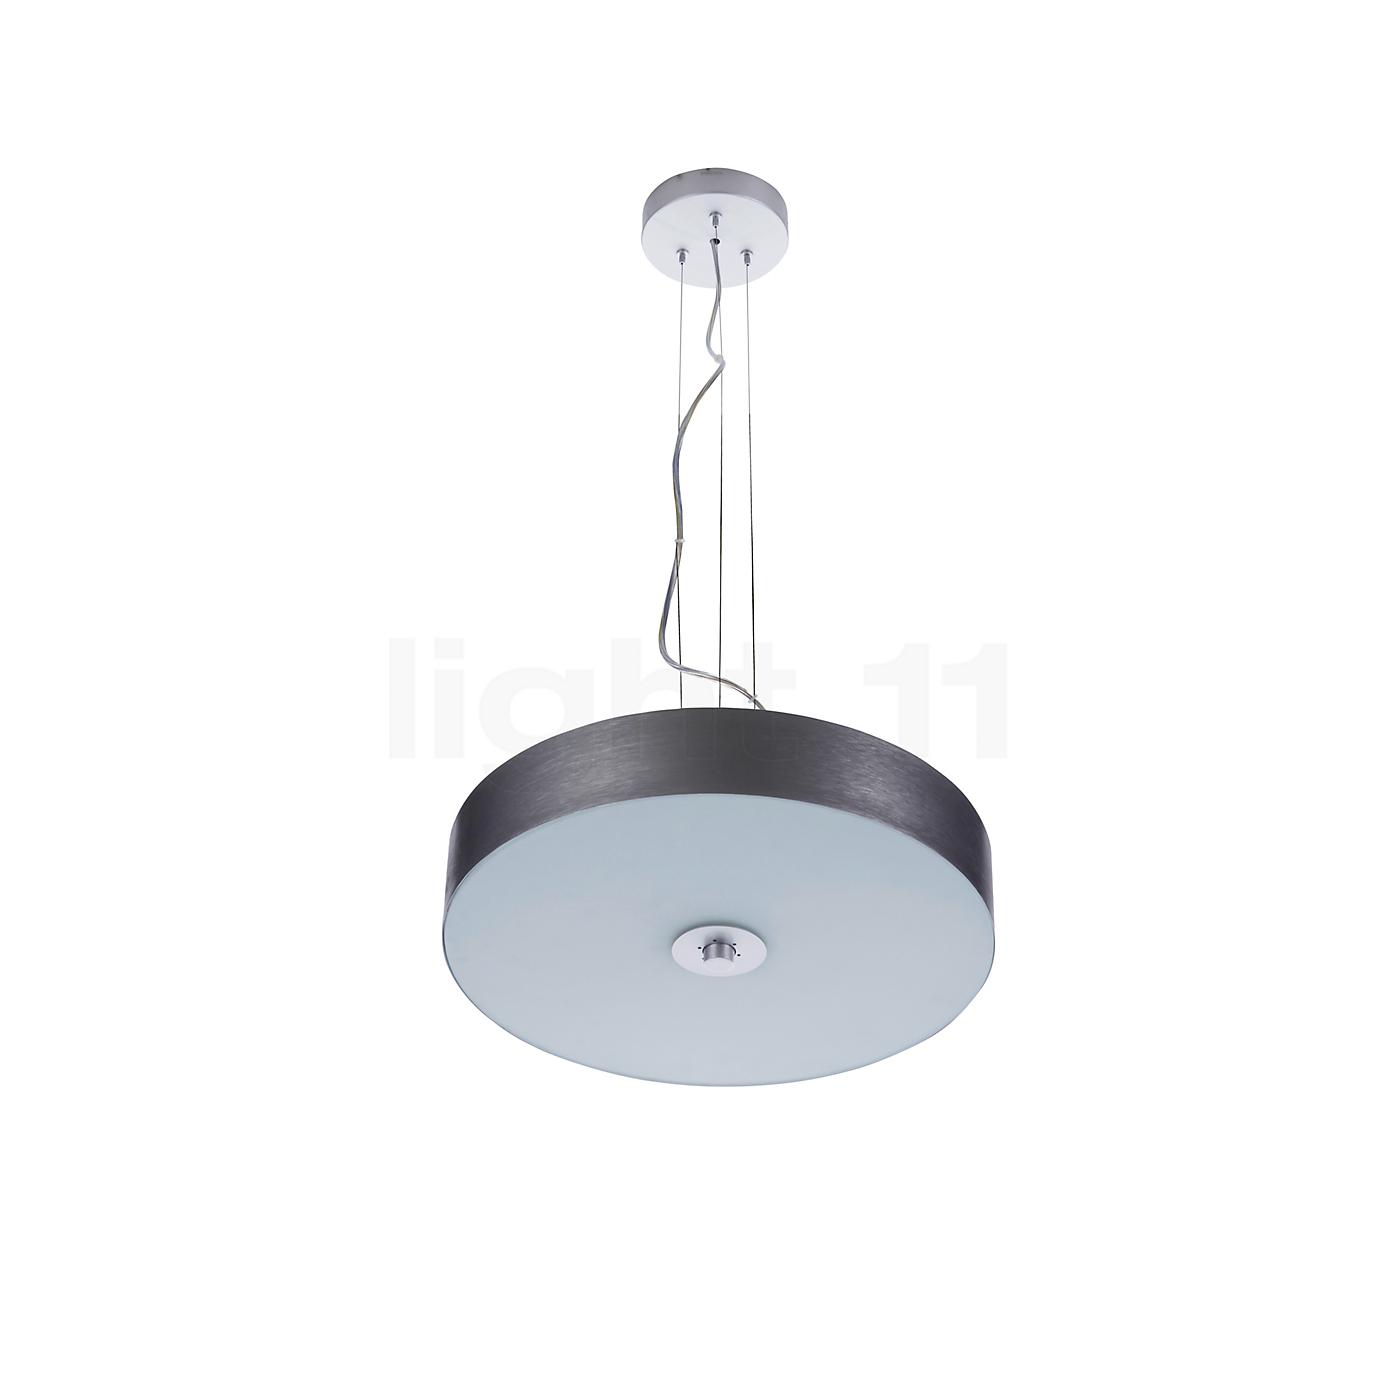 Sistemi Illuminazione Sospesa ~ Ispirazione design casa